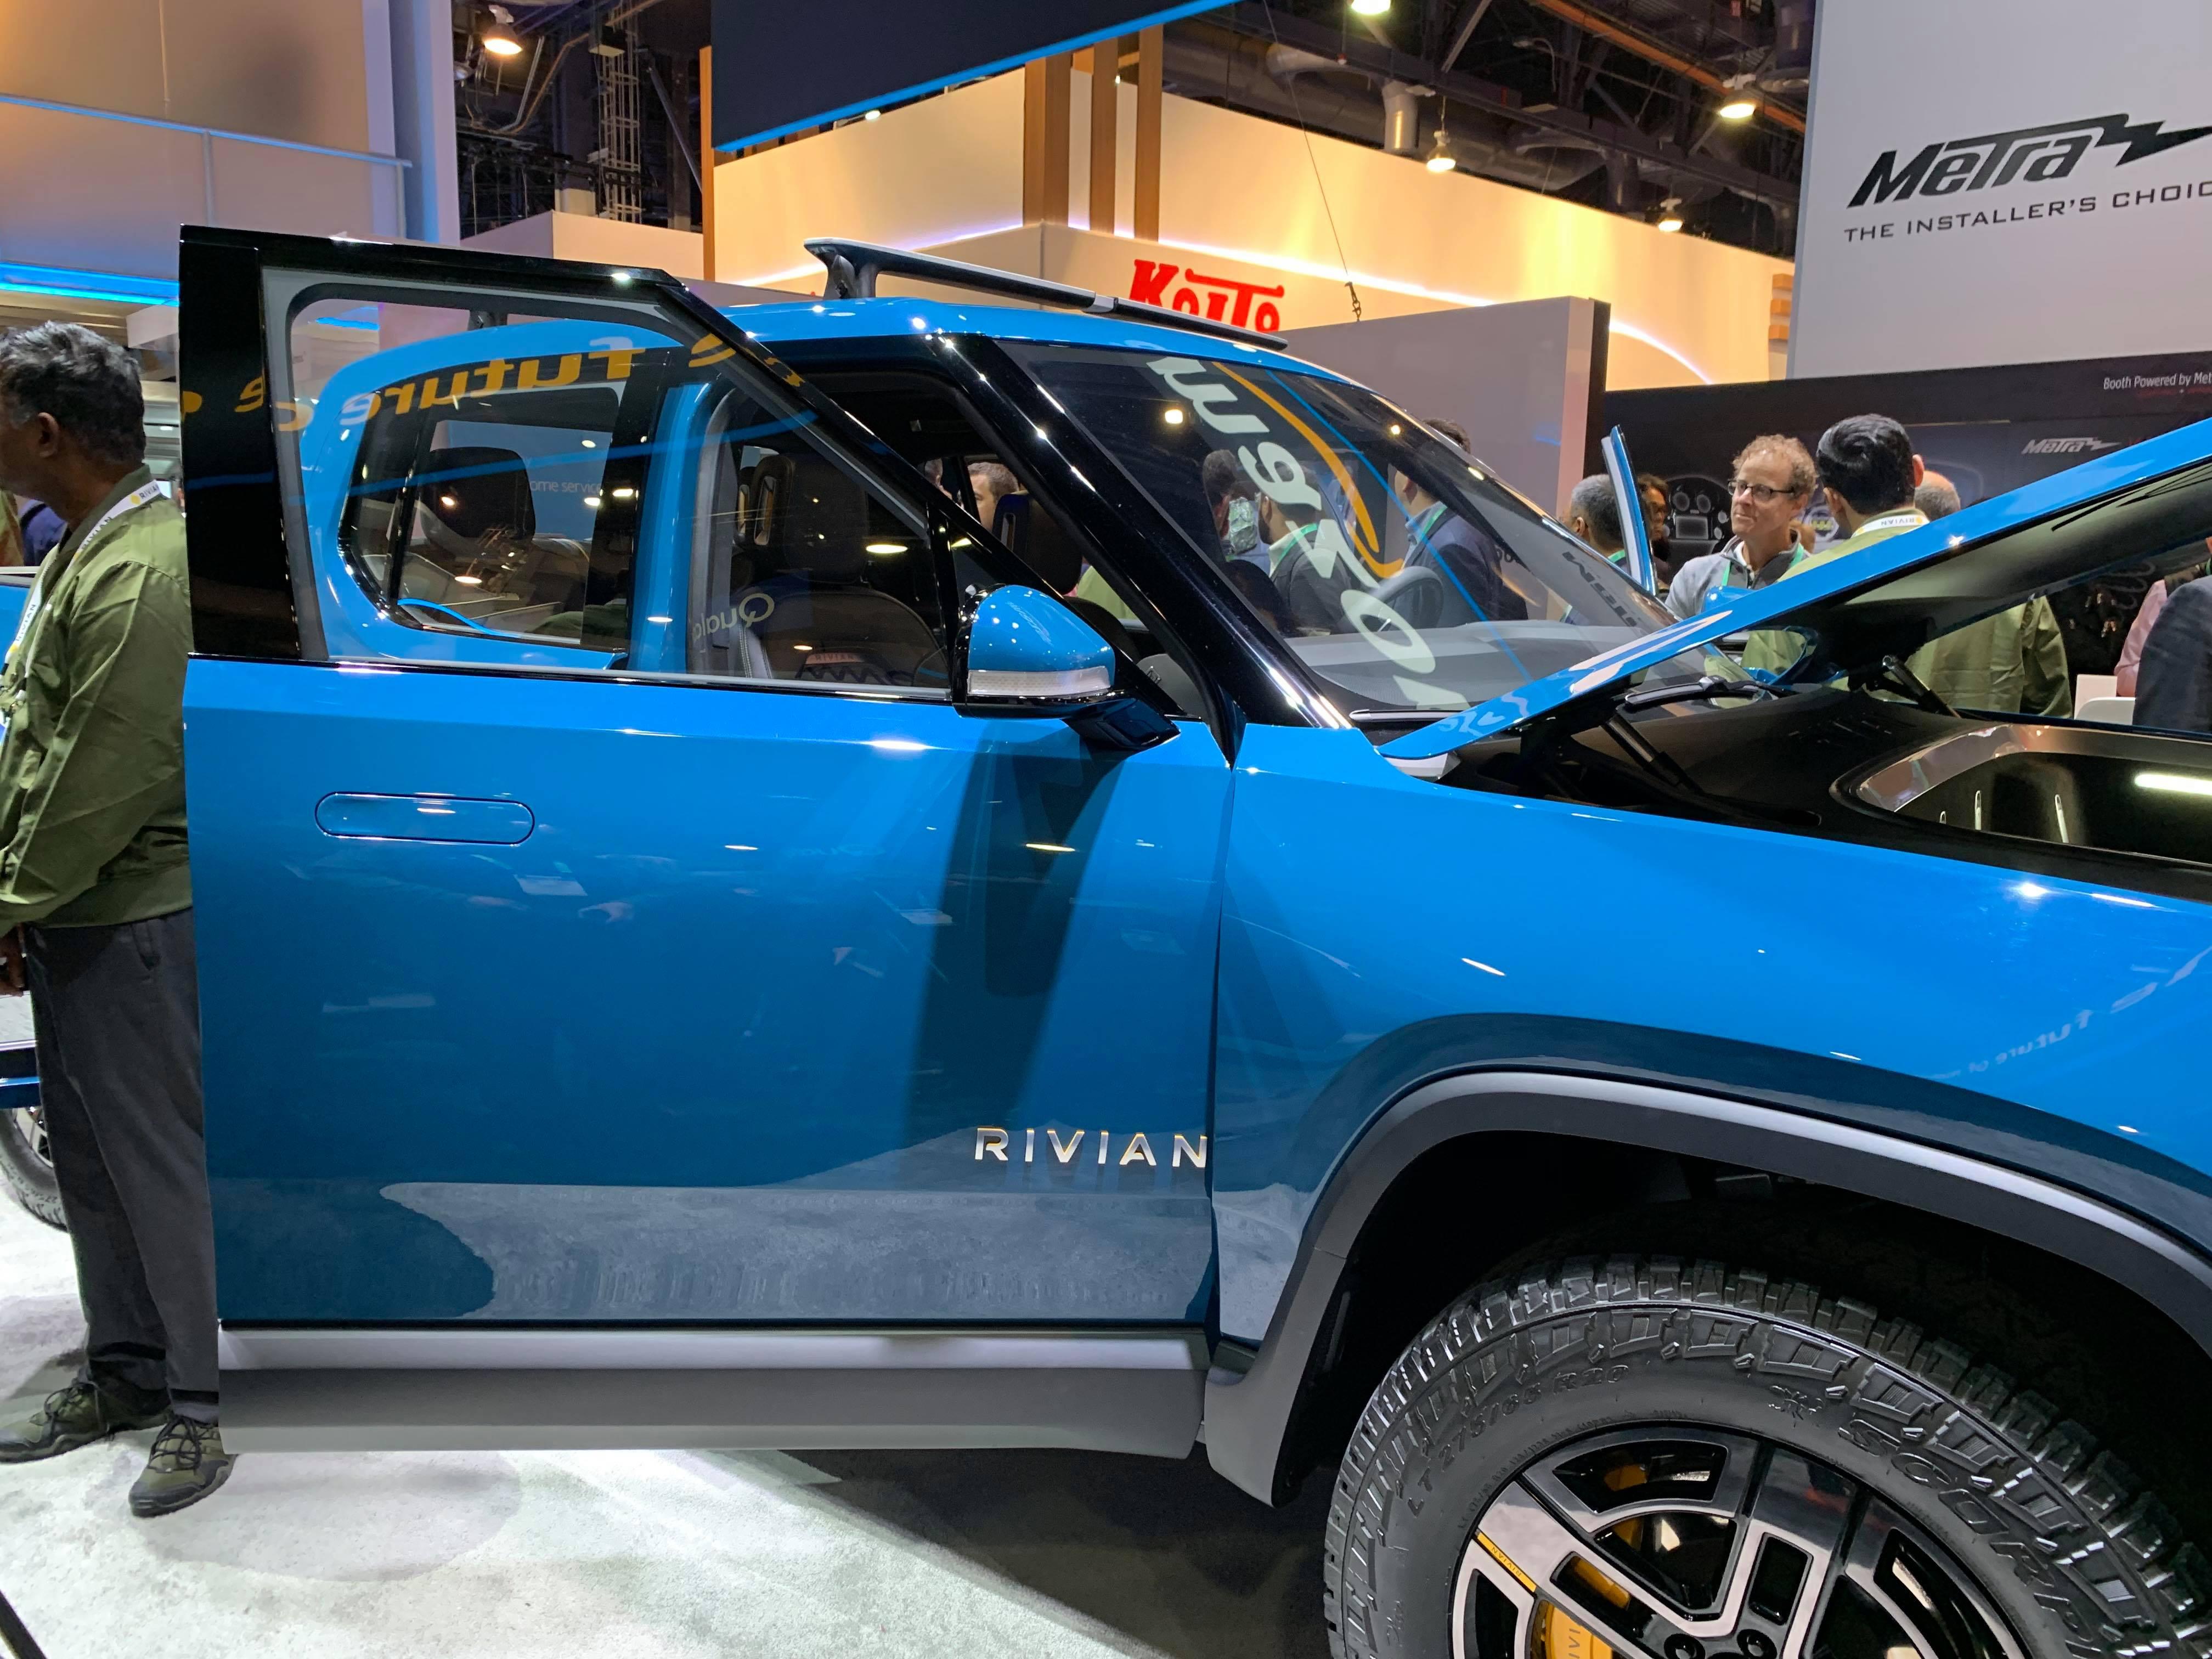 Amazonが展示するRIVIANのEV車